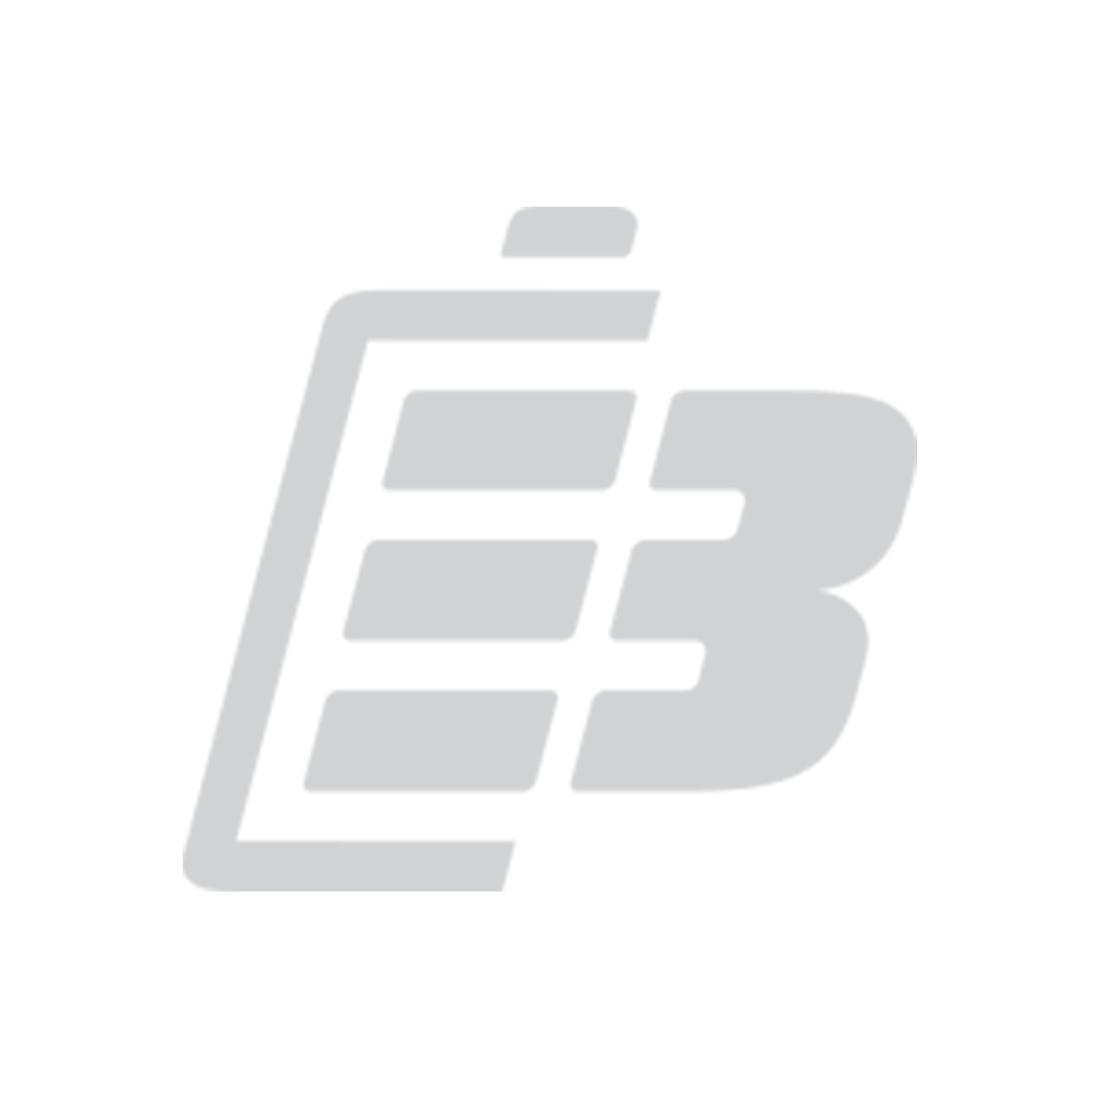 Μπαταρια Μολυβδου CSB EVX12750 12v 75ah 1